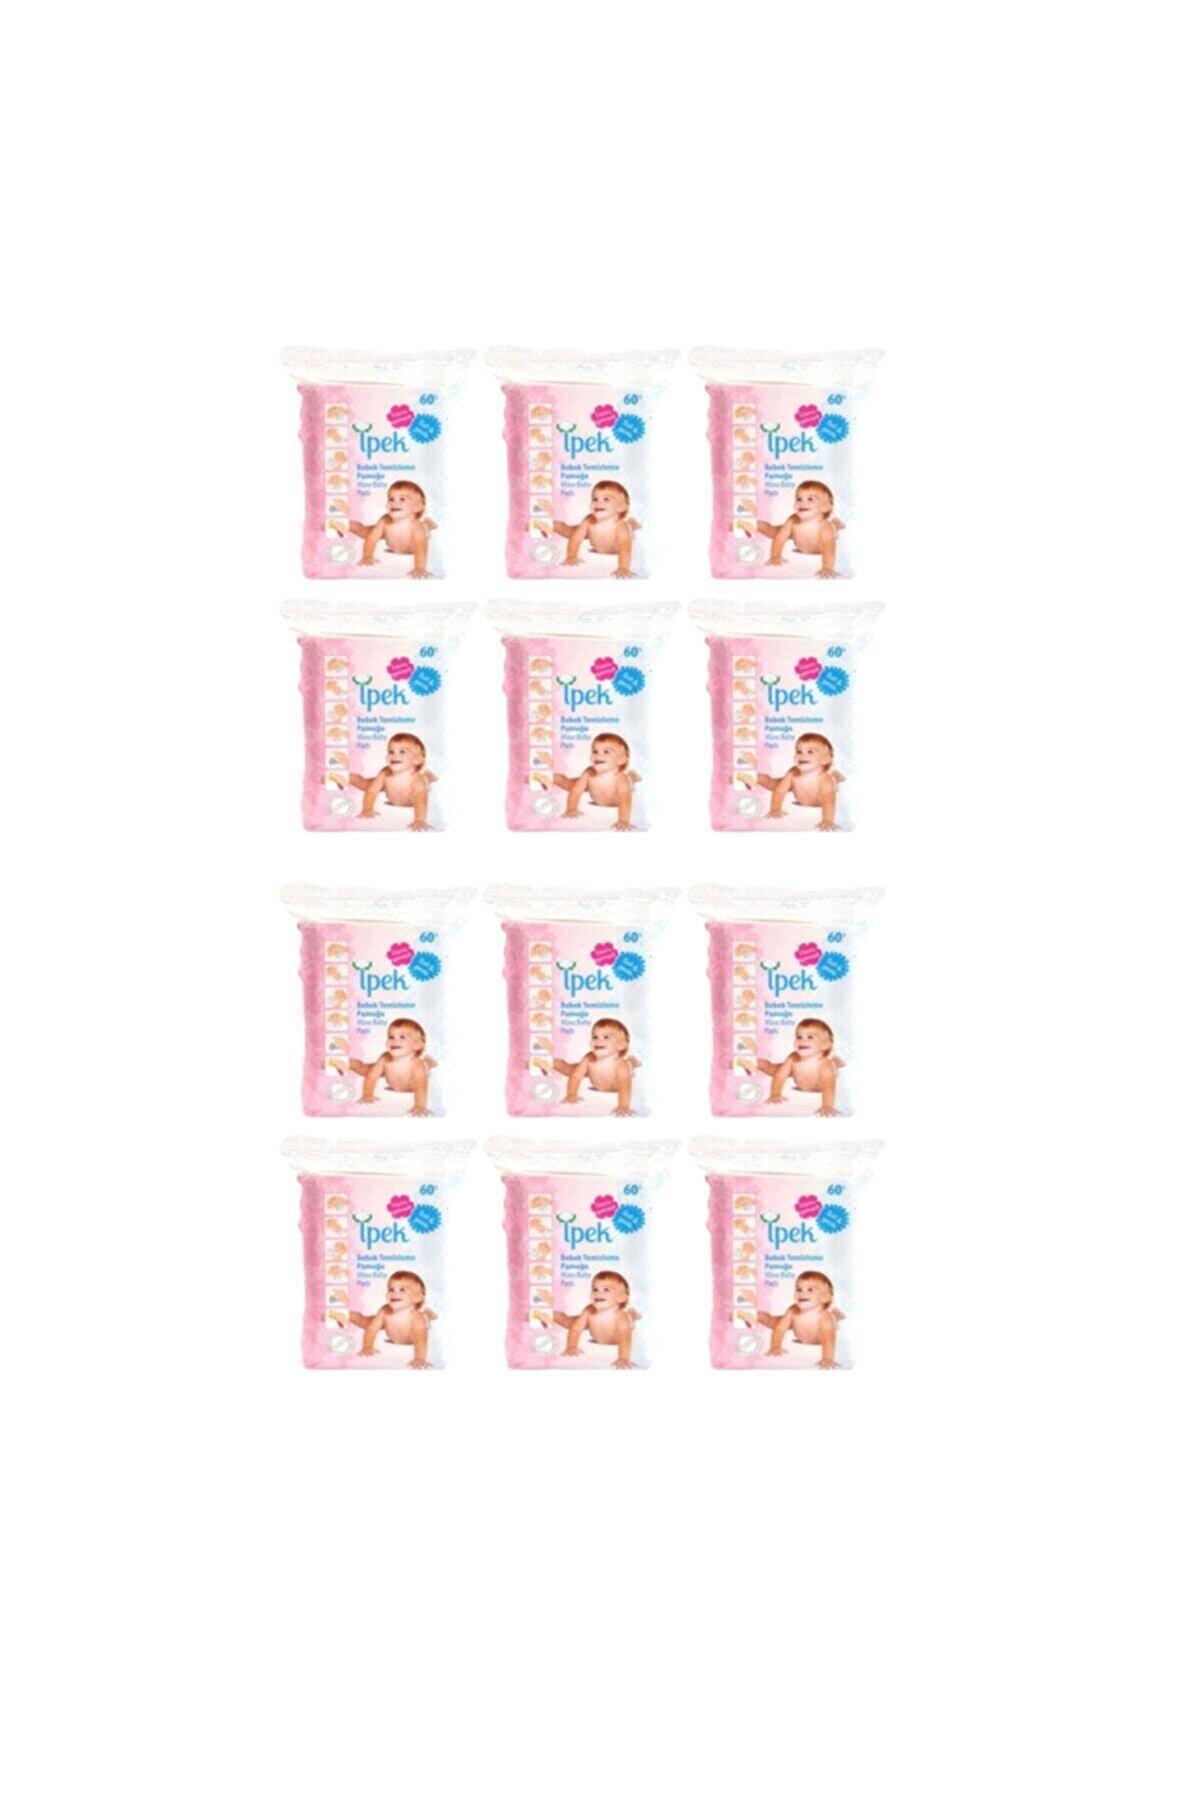 İpek Bebek Temizleme Pamuğu 60 Lı 12 Paket 720 Kullanım